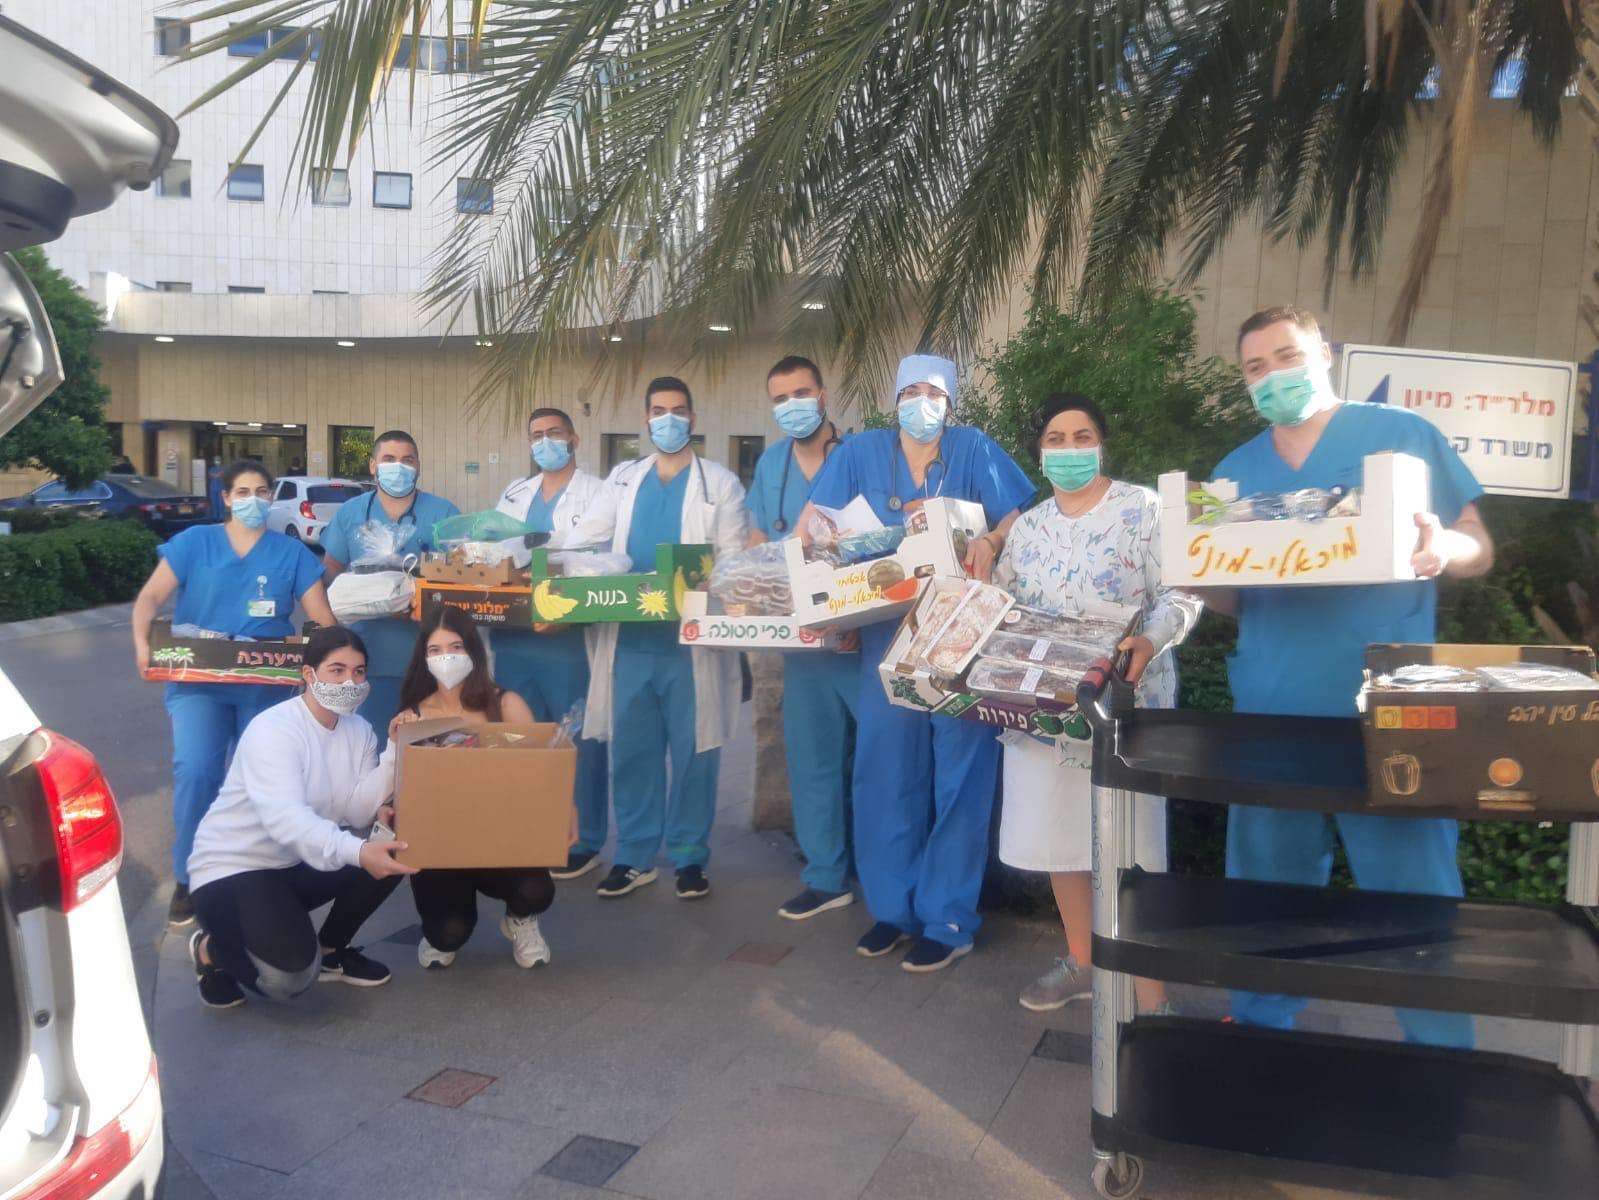 """נפלאות: תלמידות כיתה ט' בחטיבת אלון ארגנו עוגות לצוות הרפואי בביה""""ח מאיר"""